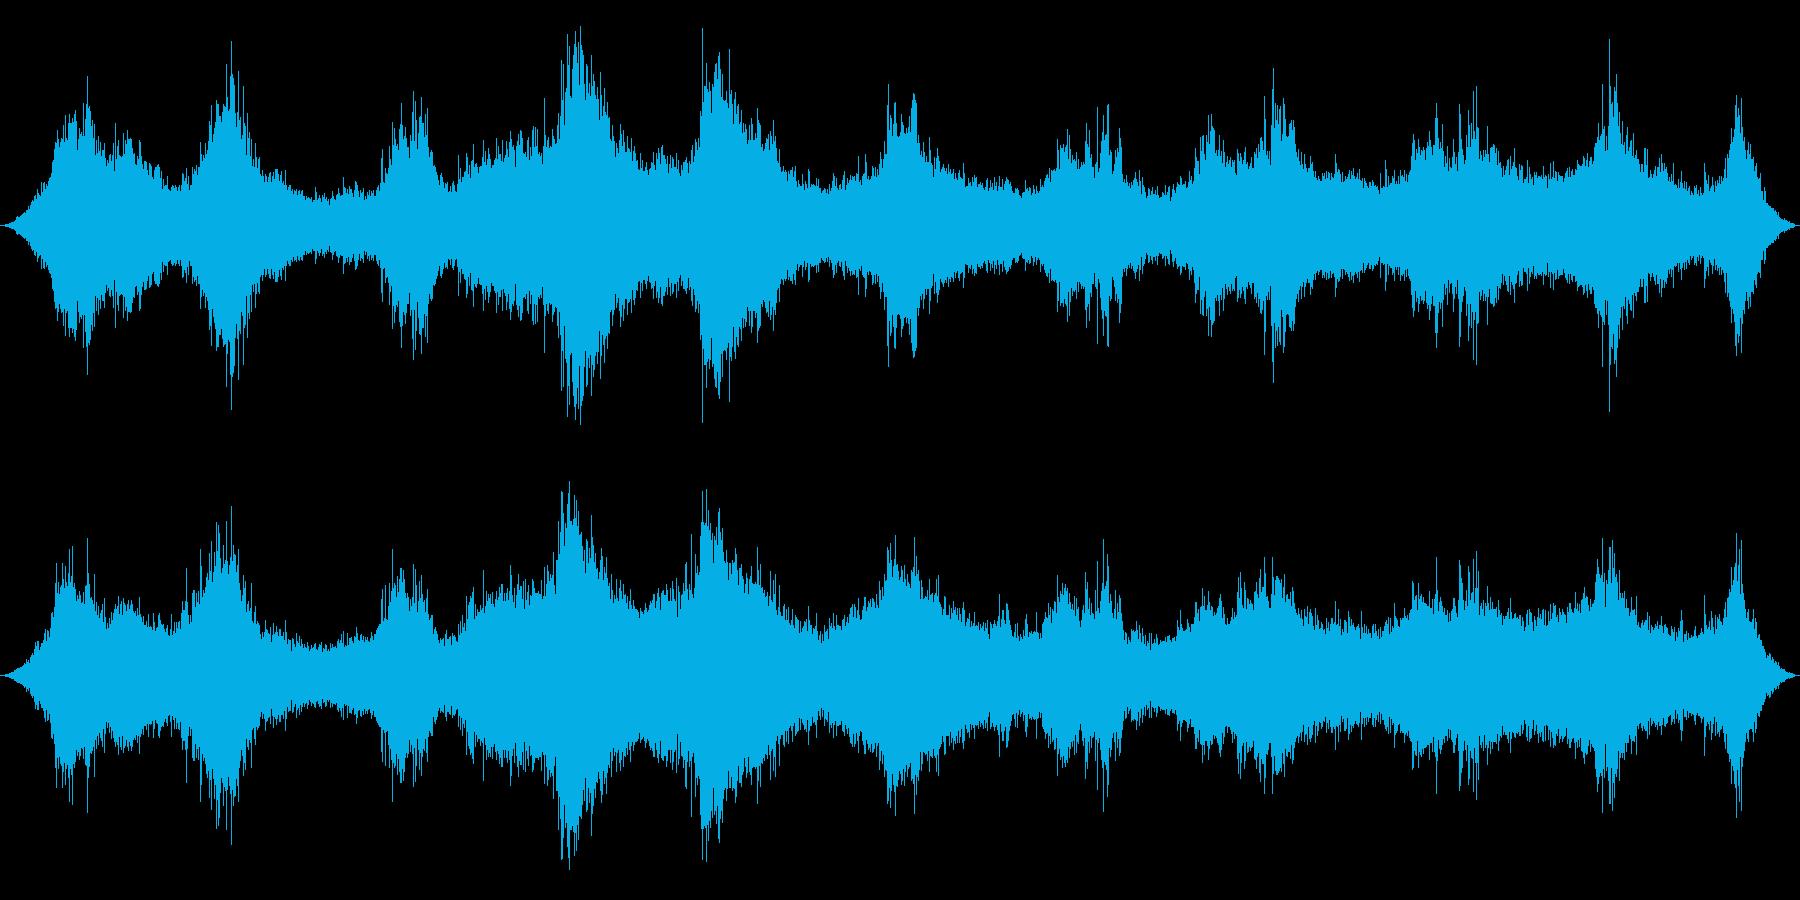 海洋:中程度の波、明るい鳥の再生済みの波形